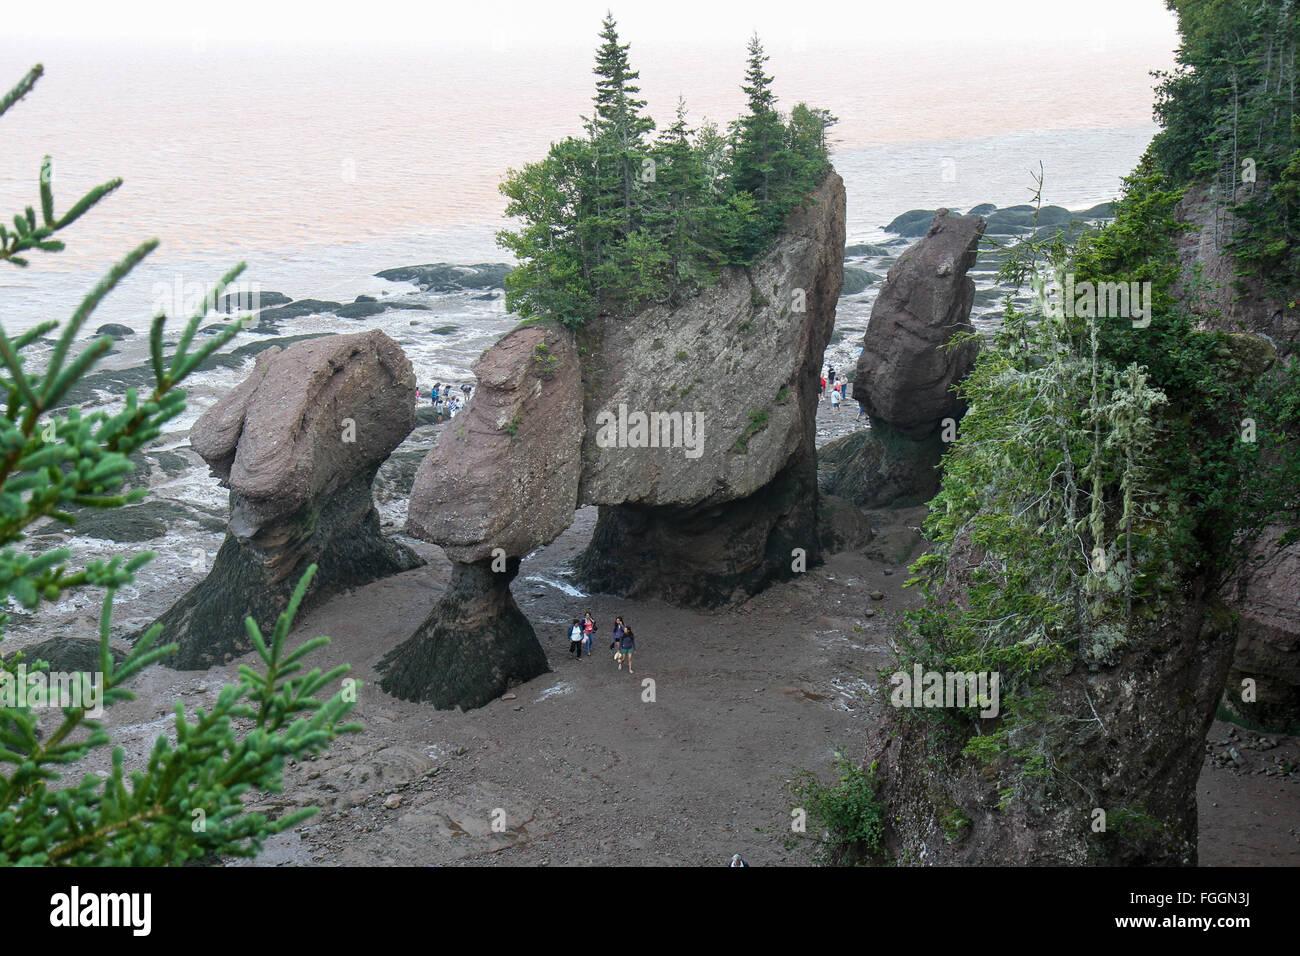 Flower Pot Rocks Stock Photo: 96254134   Alamy